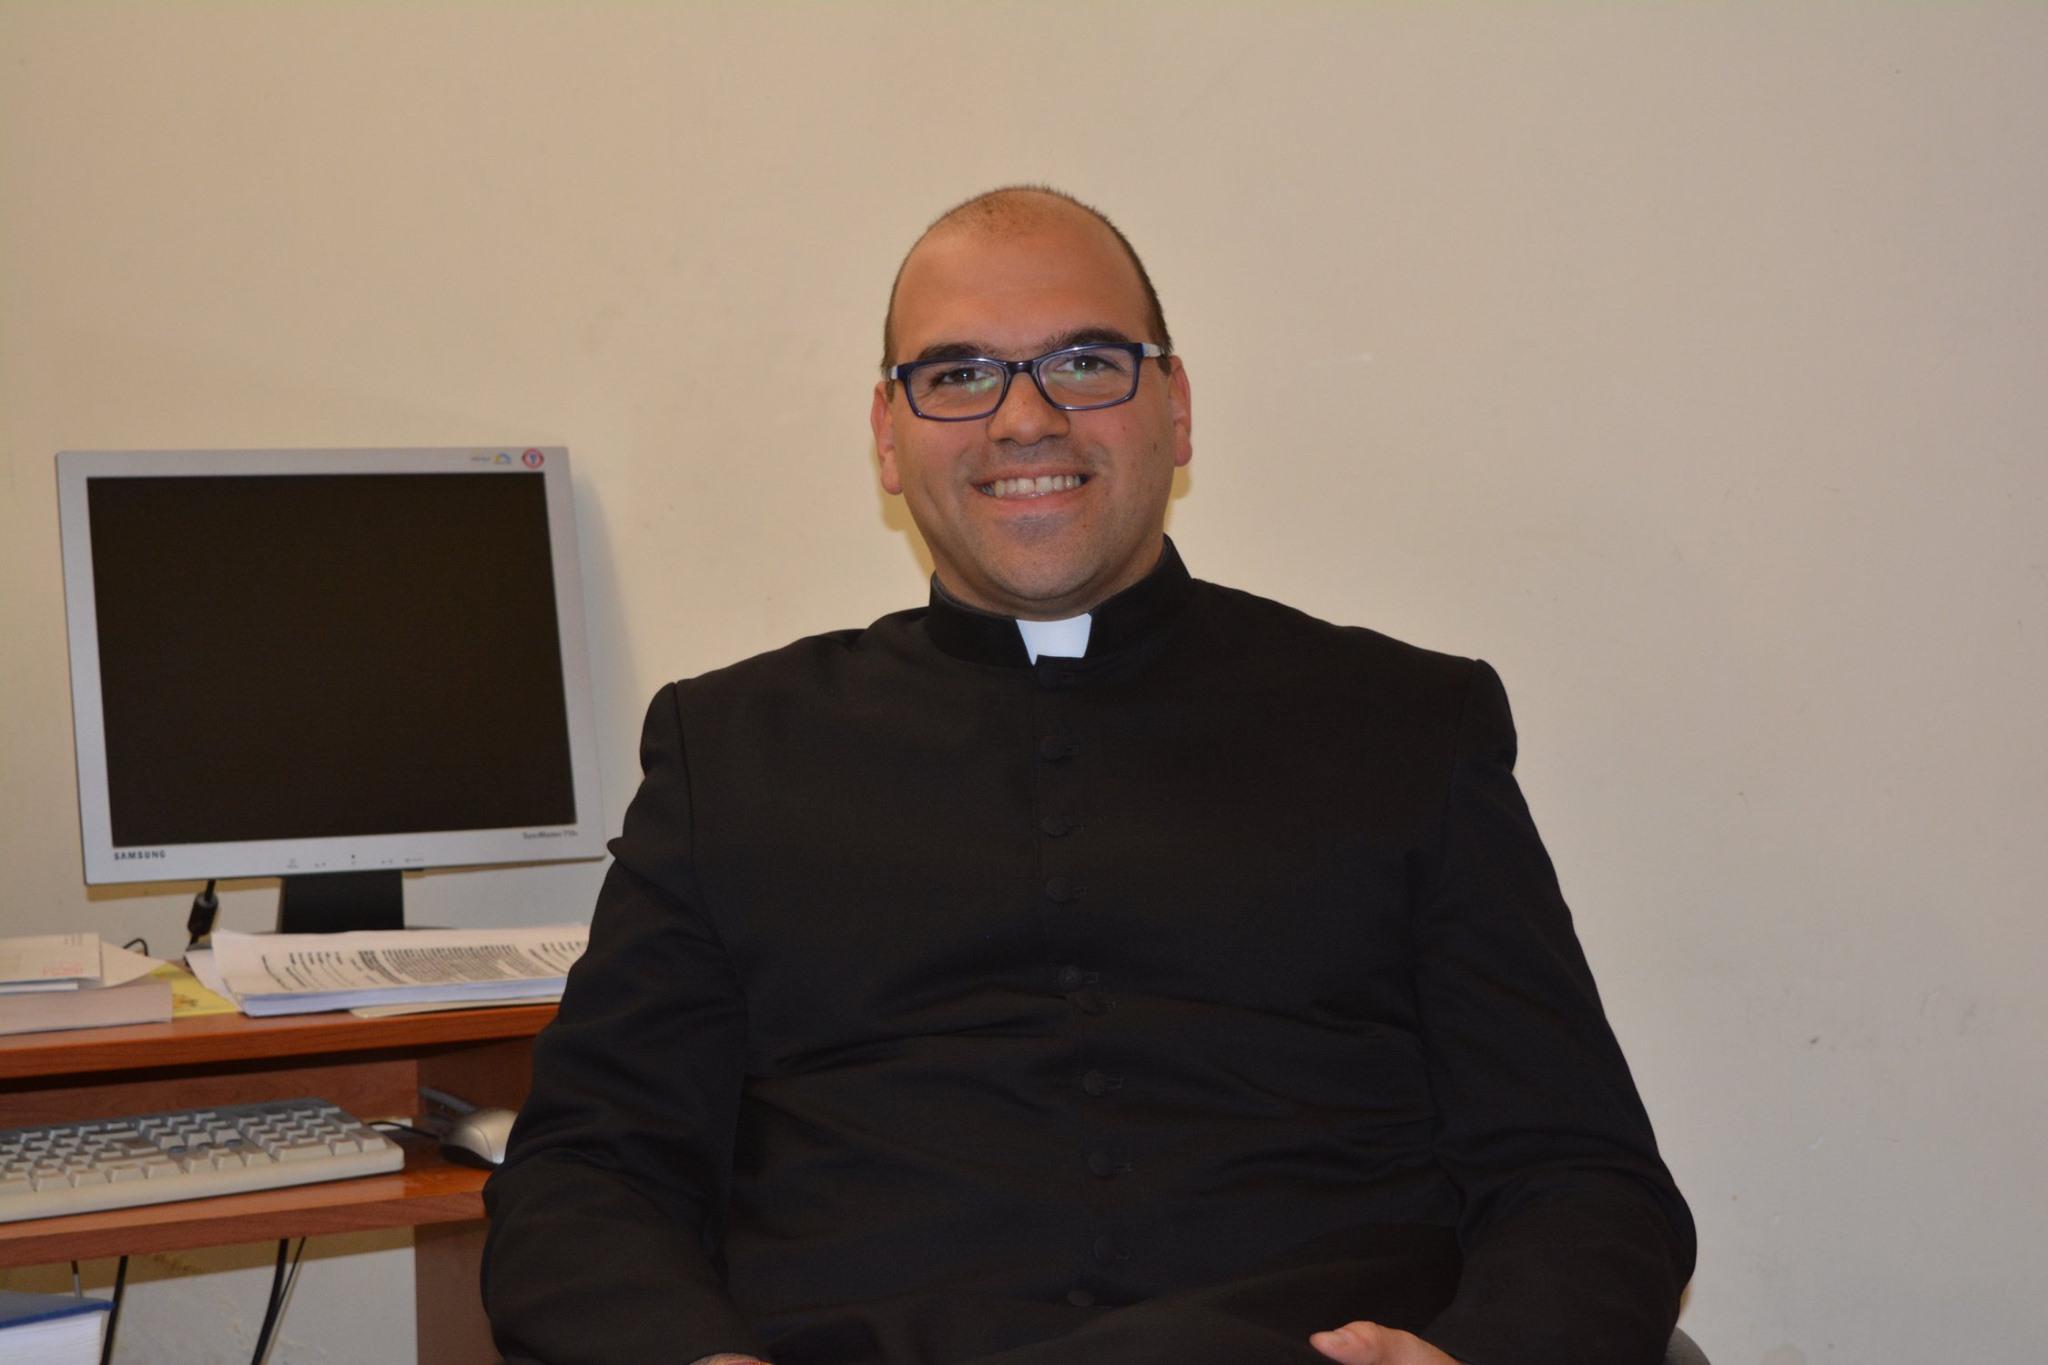 Francofonte. Coronavirus e rinvio catechismo, il messaggio di Padre Gallina alla comunità